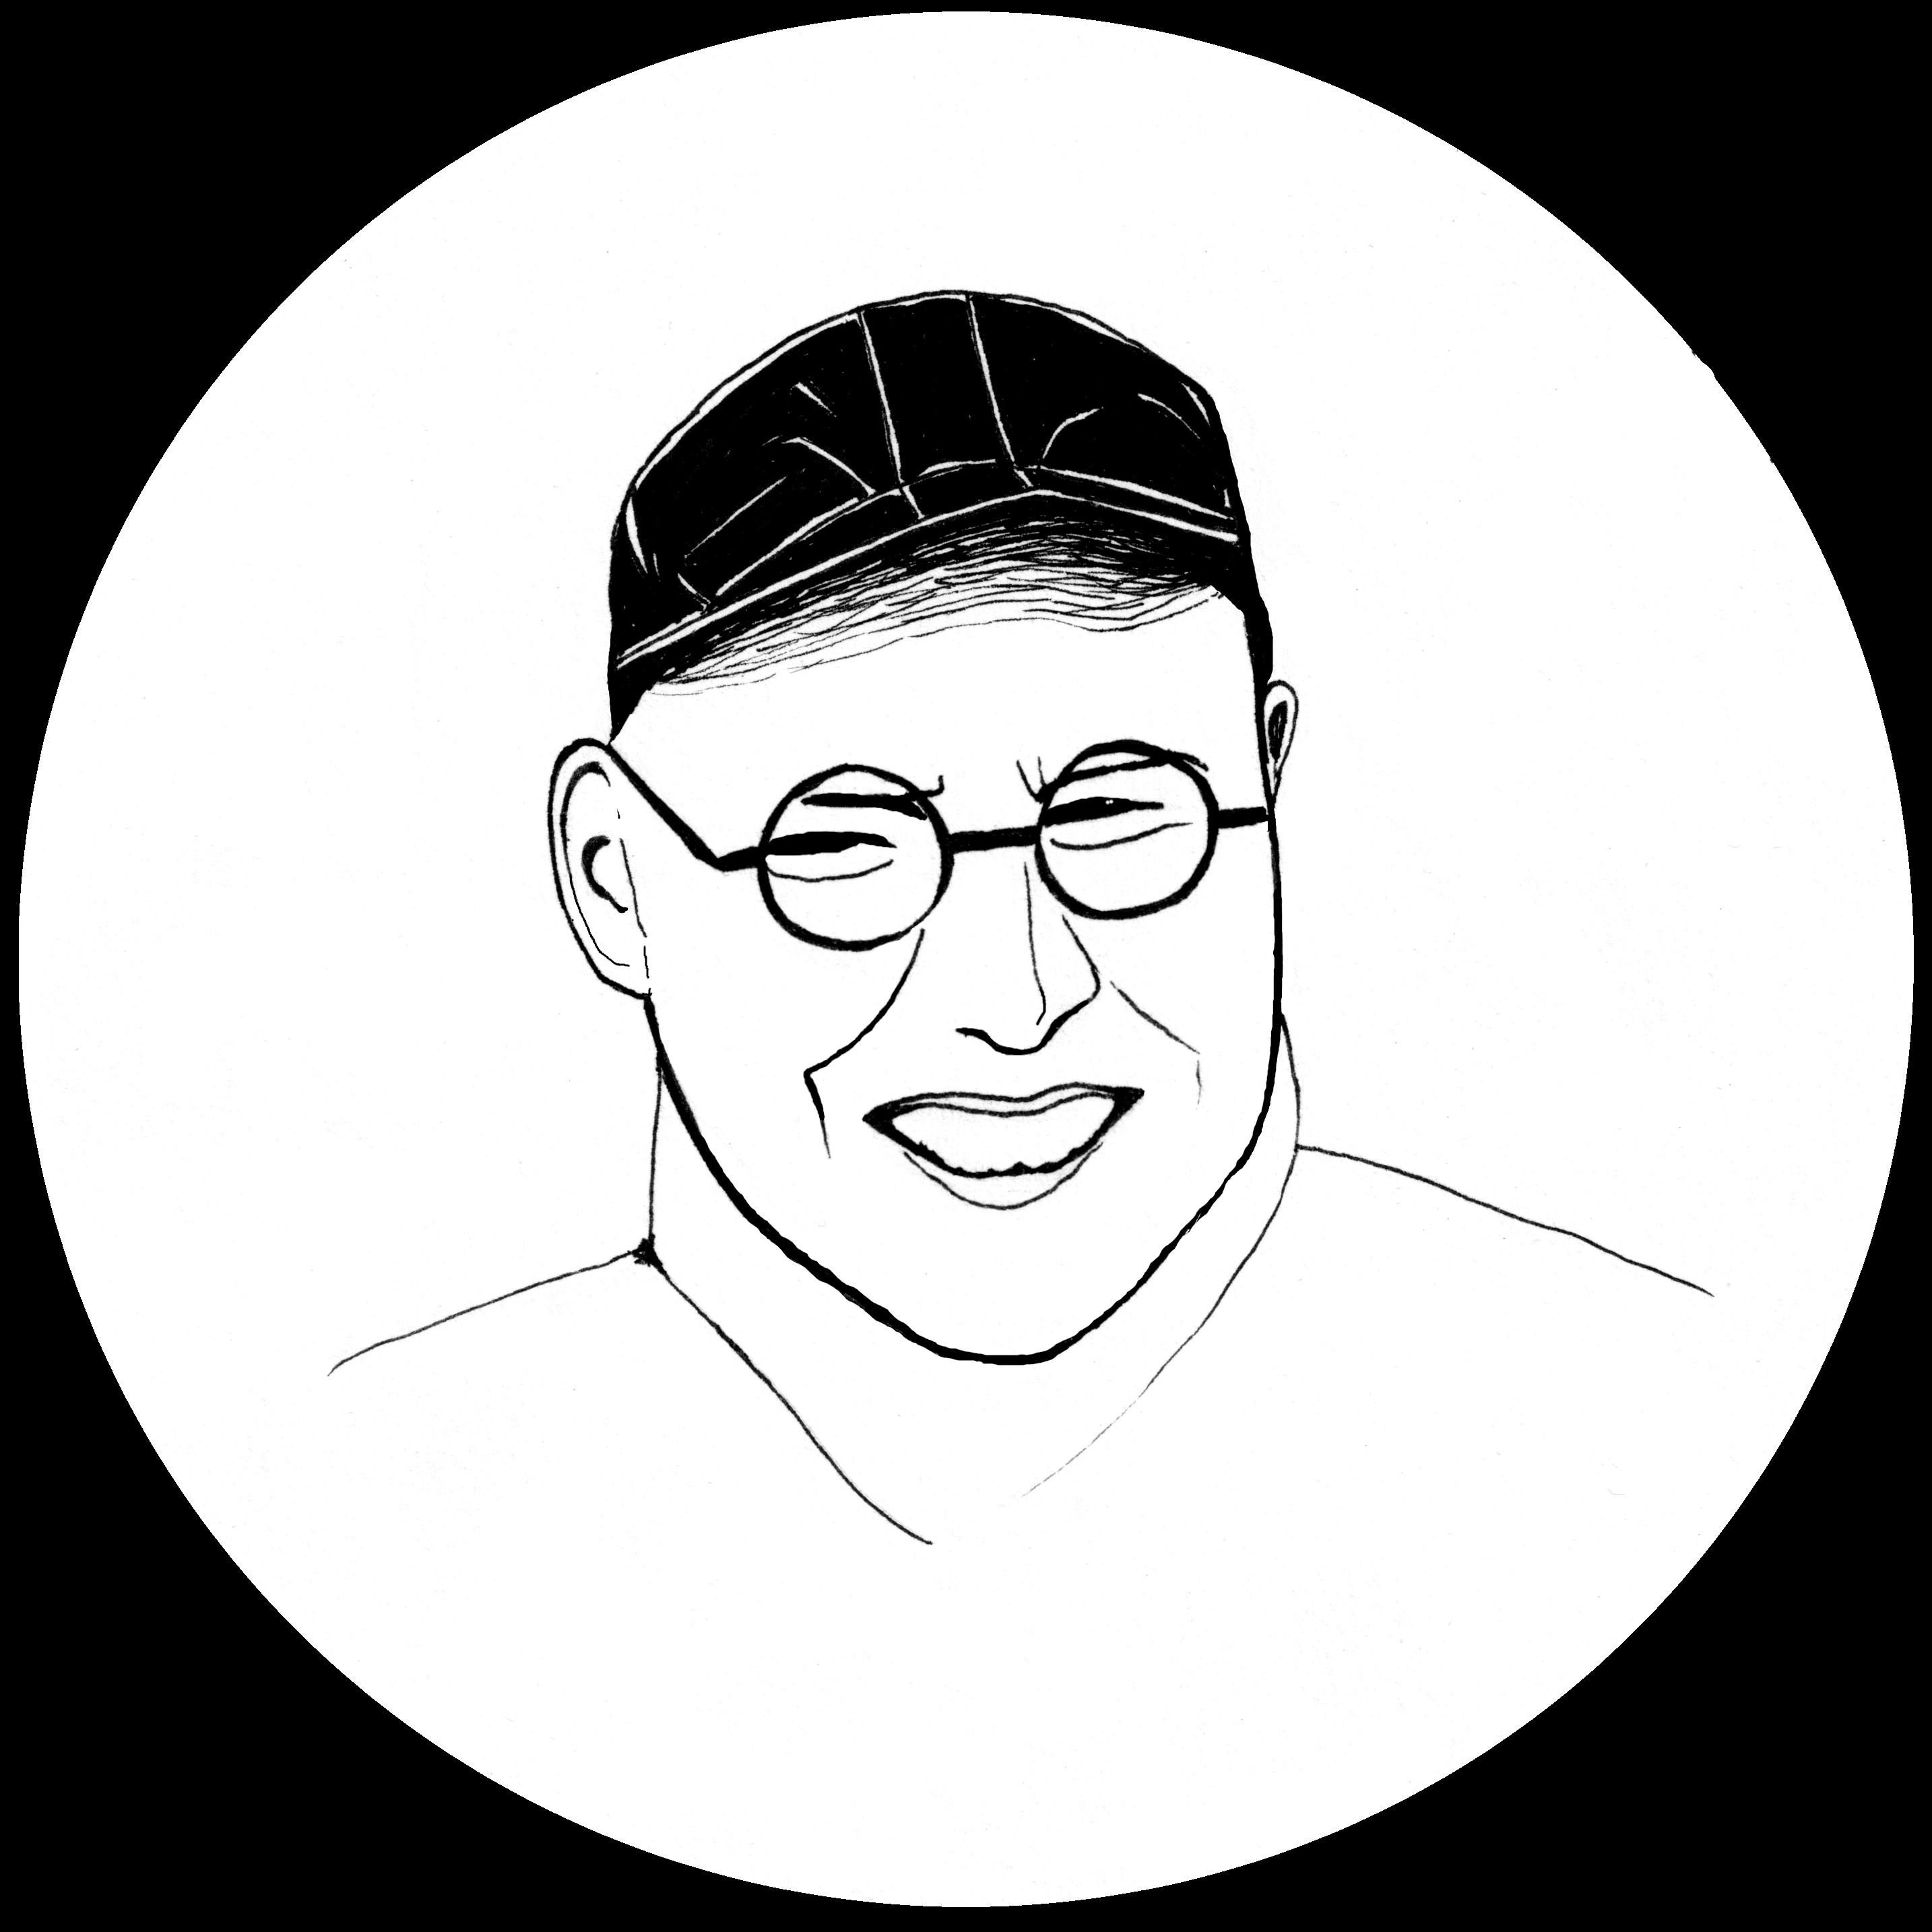 Geschichte(n) schreiben – lila_bunte Bildungsarbeit: Gespräch mit Jespa Jacob Kleinfeld